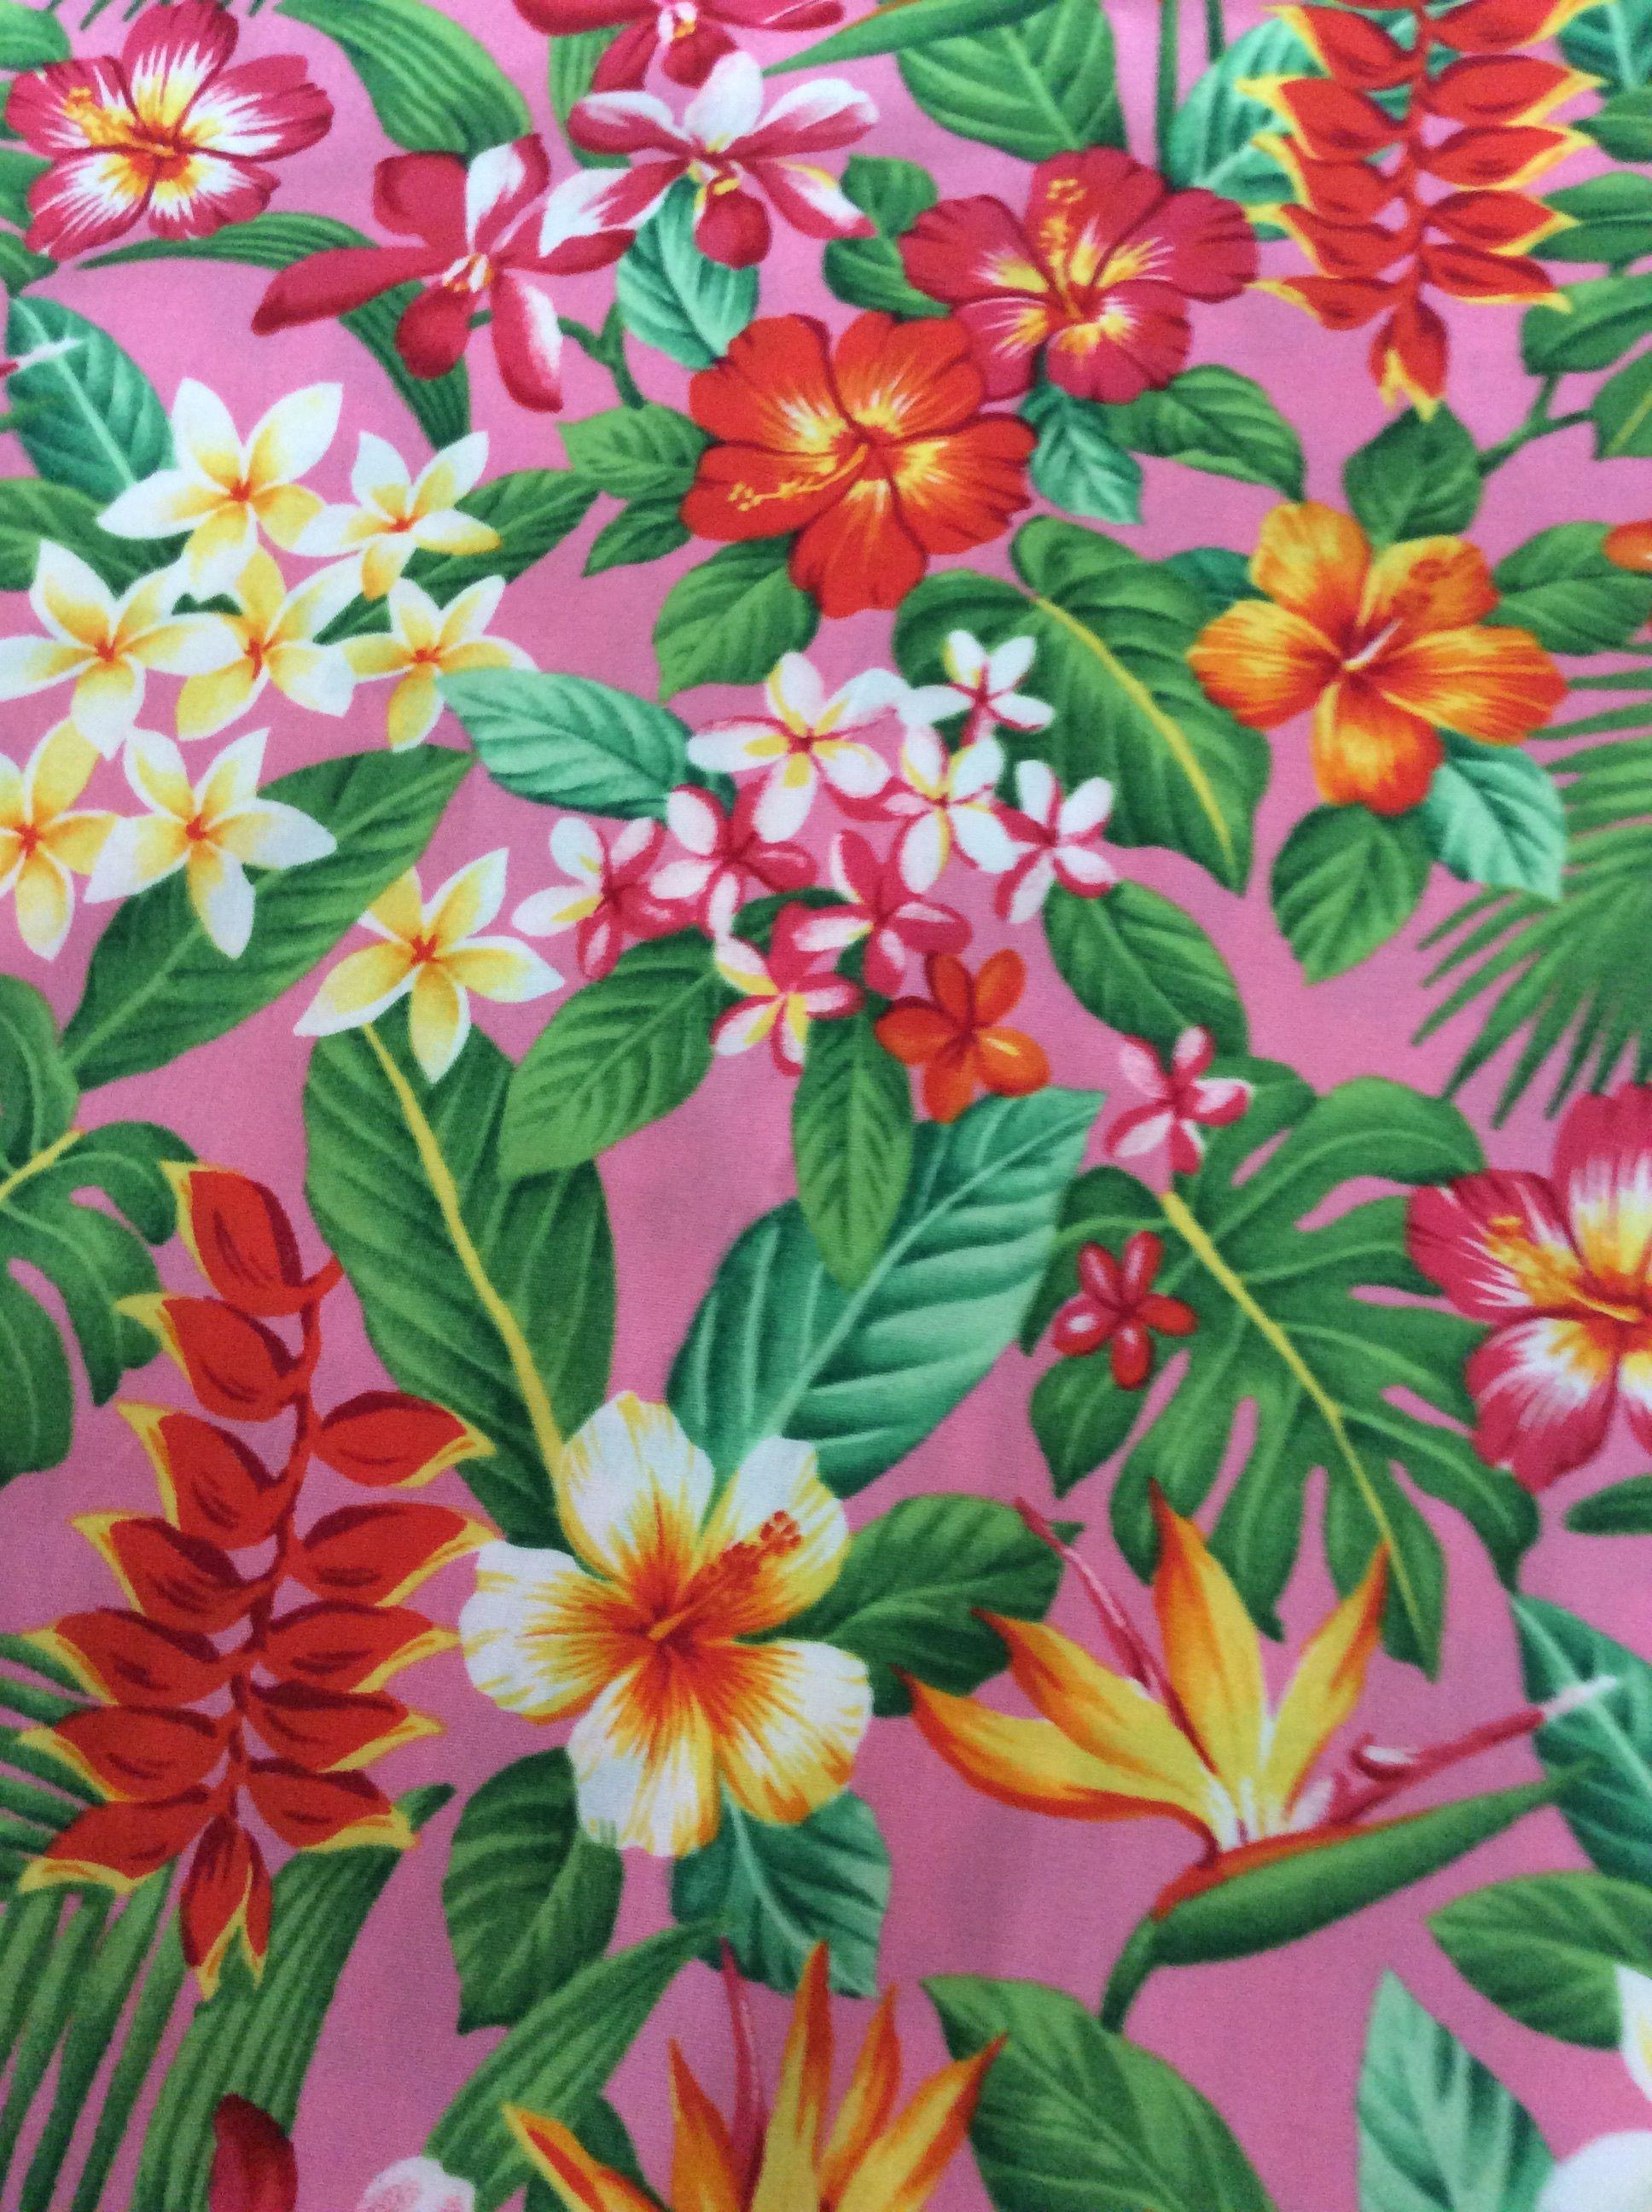 ピンク  カラフル ハワイアンフラワー by カイムキドライグッズ